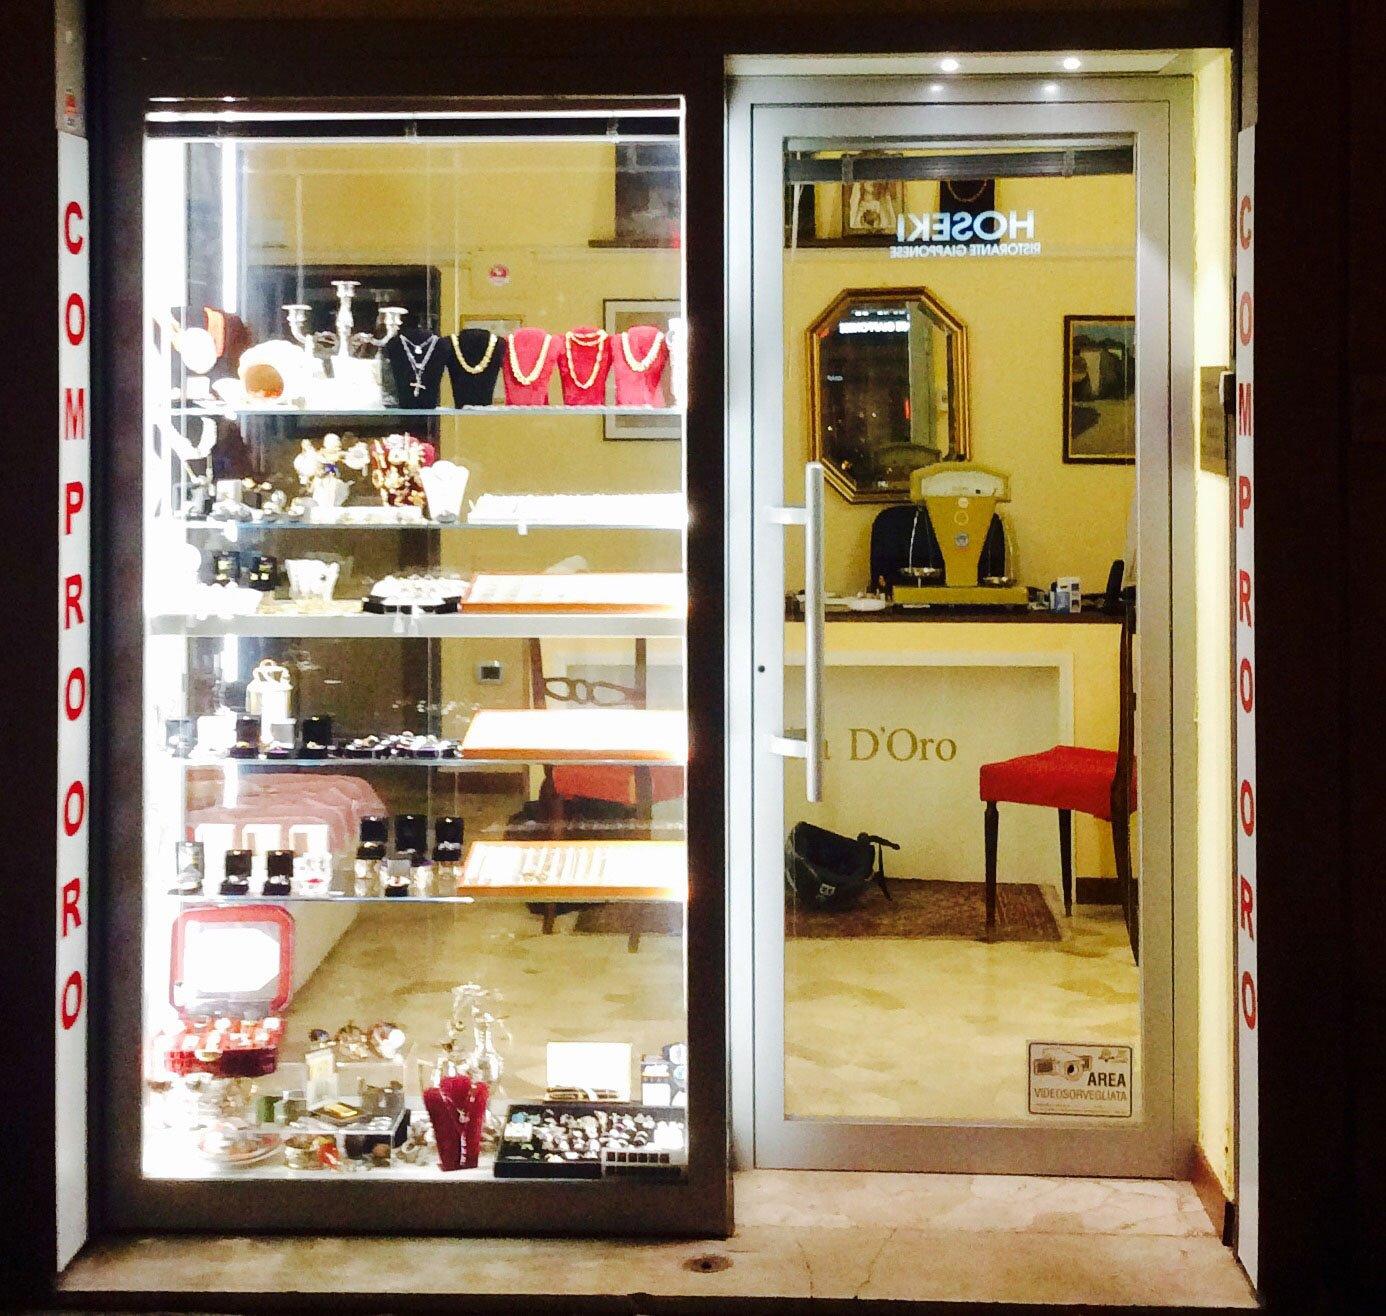 Esterno gioielleria a Firenze